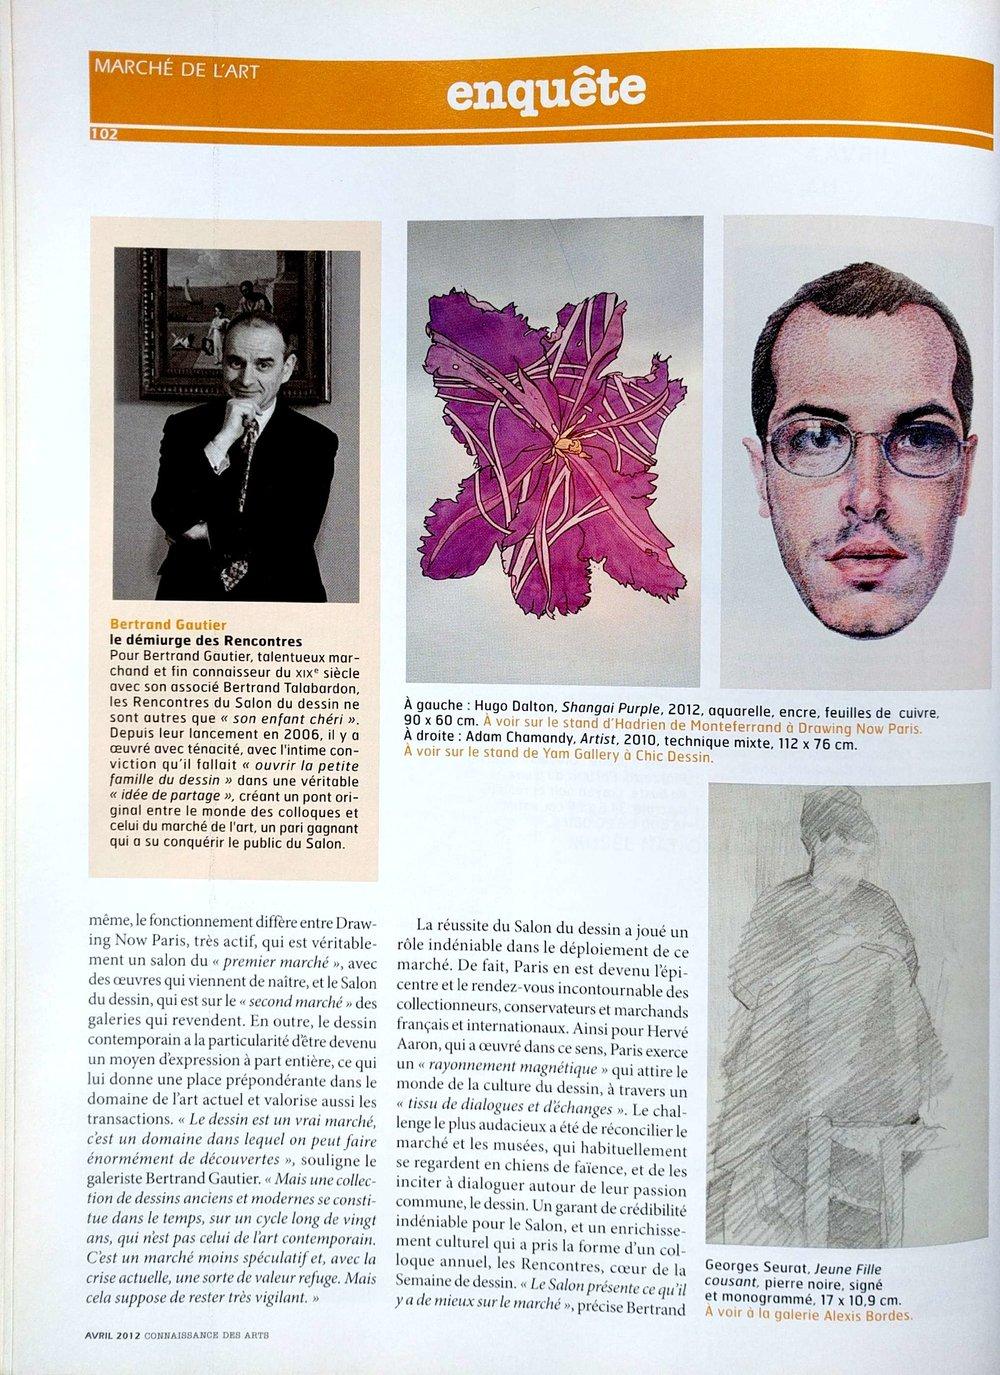 Connnaissance des Art, April 2012